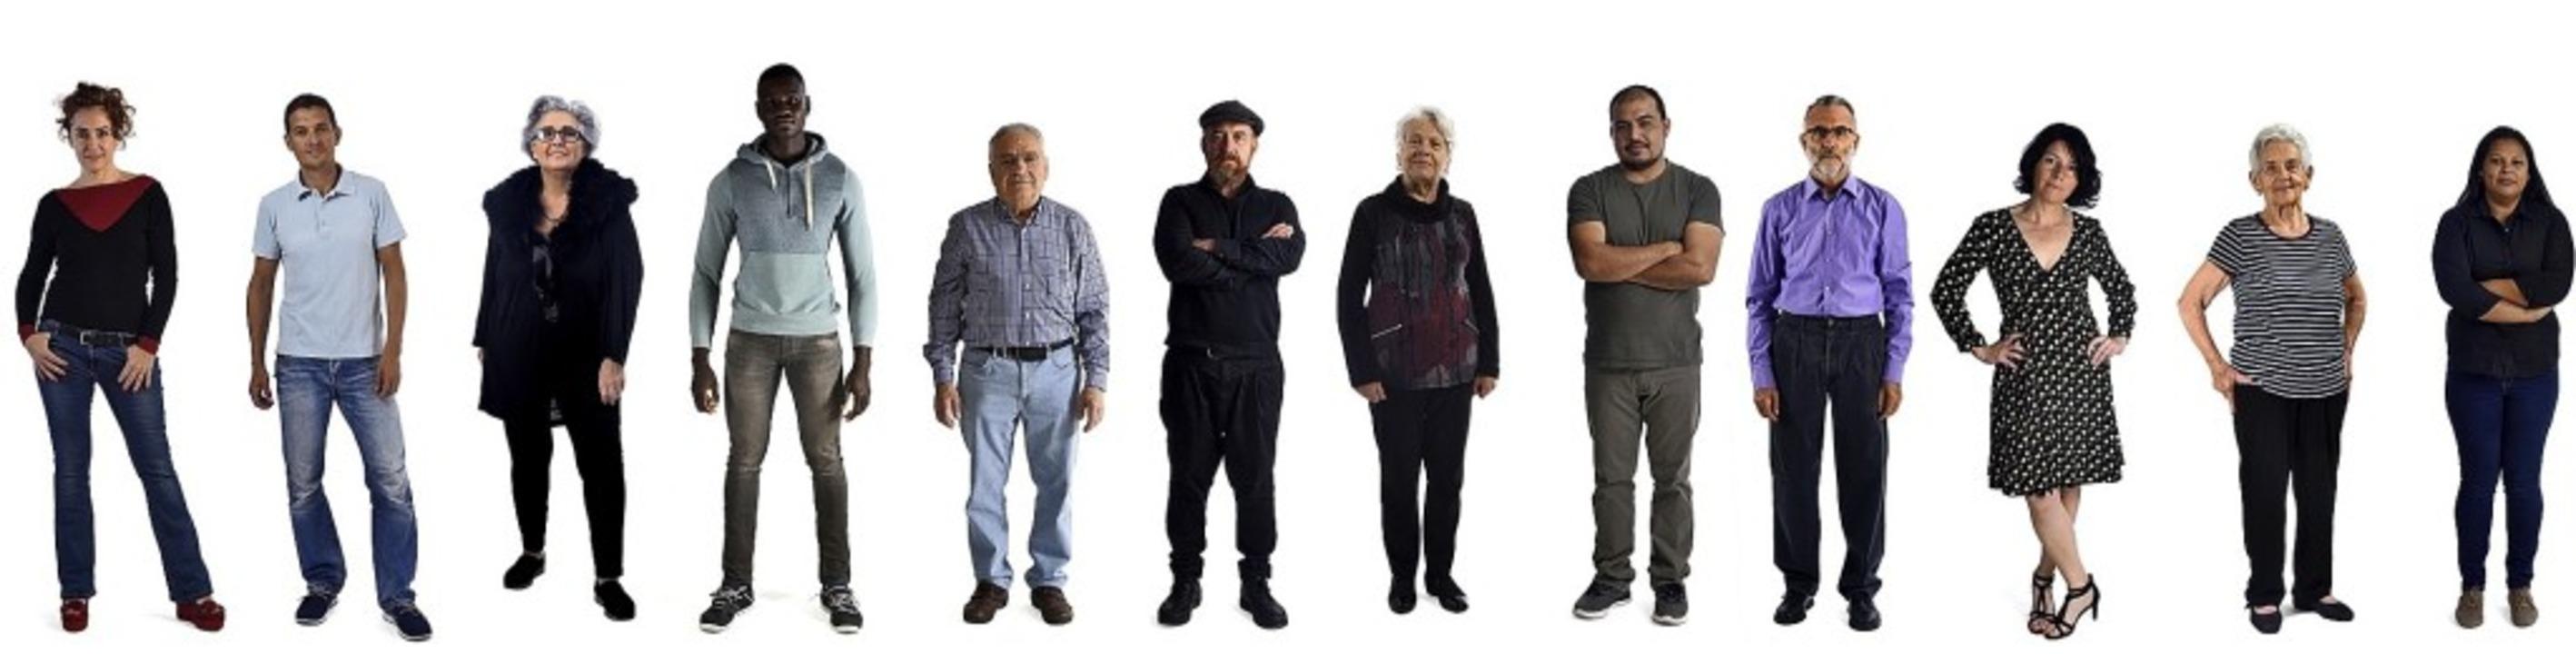 Der Bürgerrat wird aus 160 zufällig au...schaftliche Probleme gefunden werden.     Foto: Curto